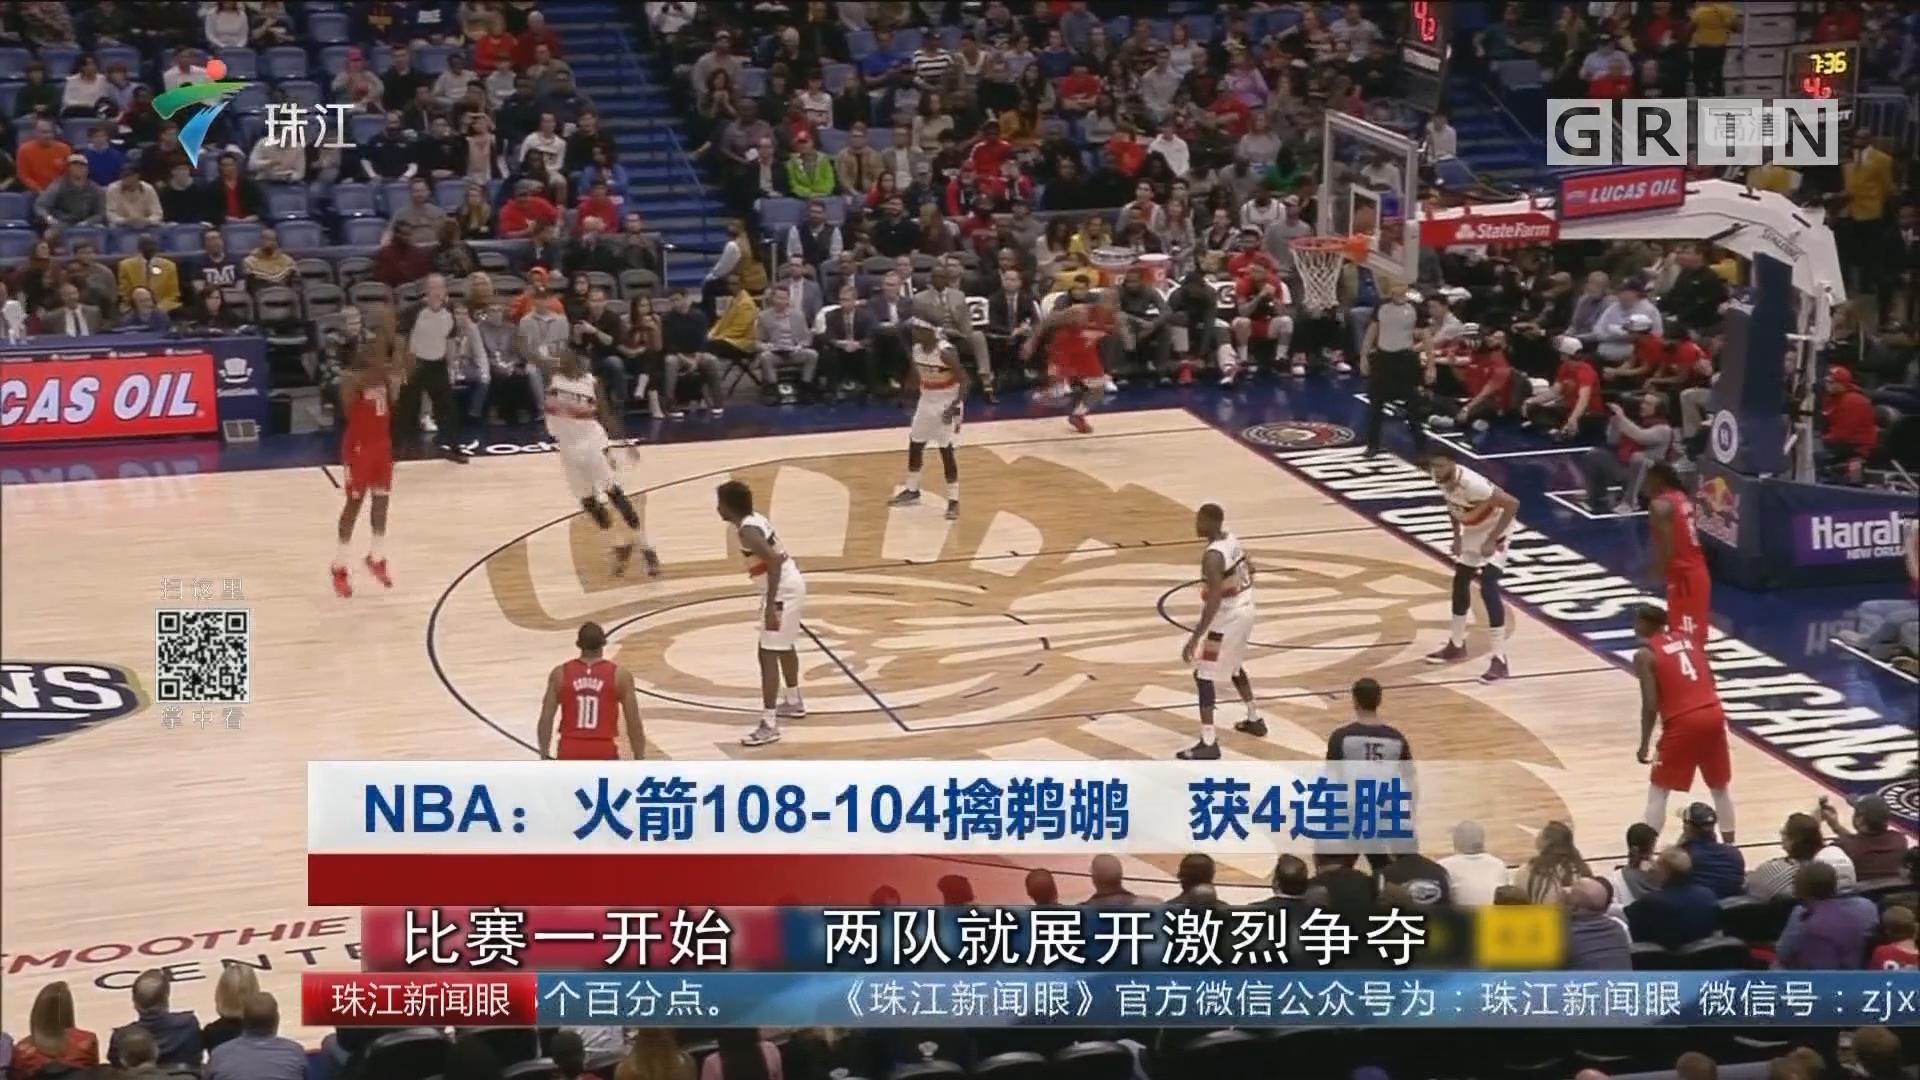 NBA:火箭108-104擒鹈鹕 获4连胜